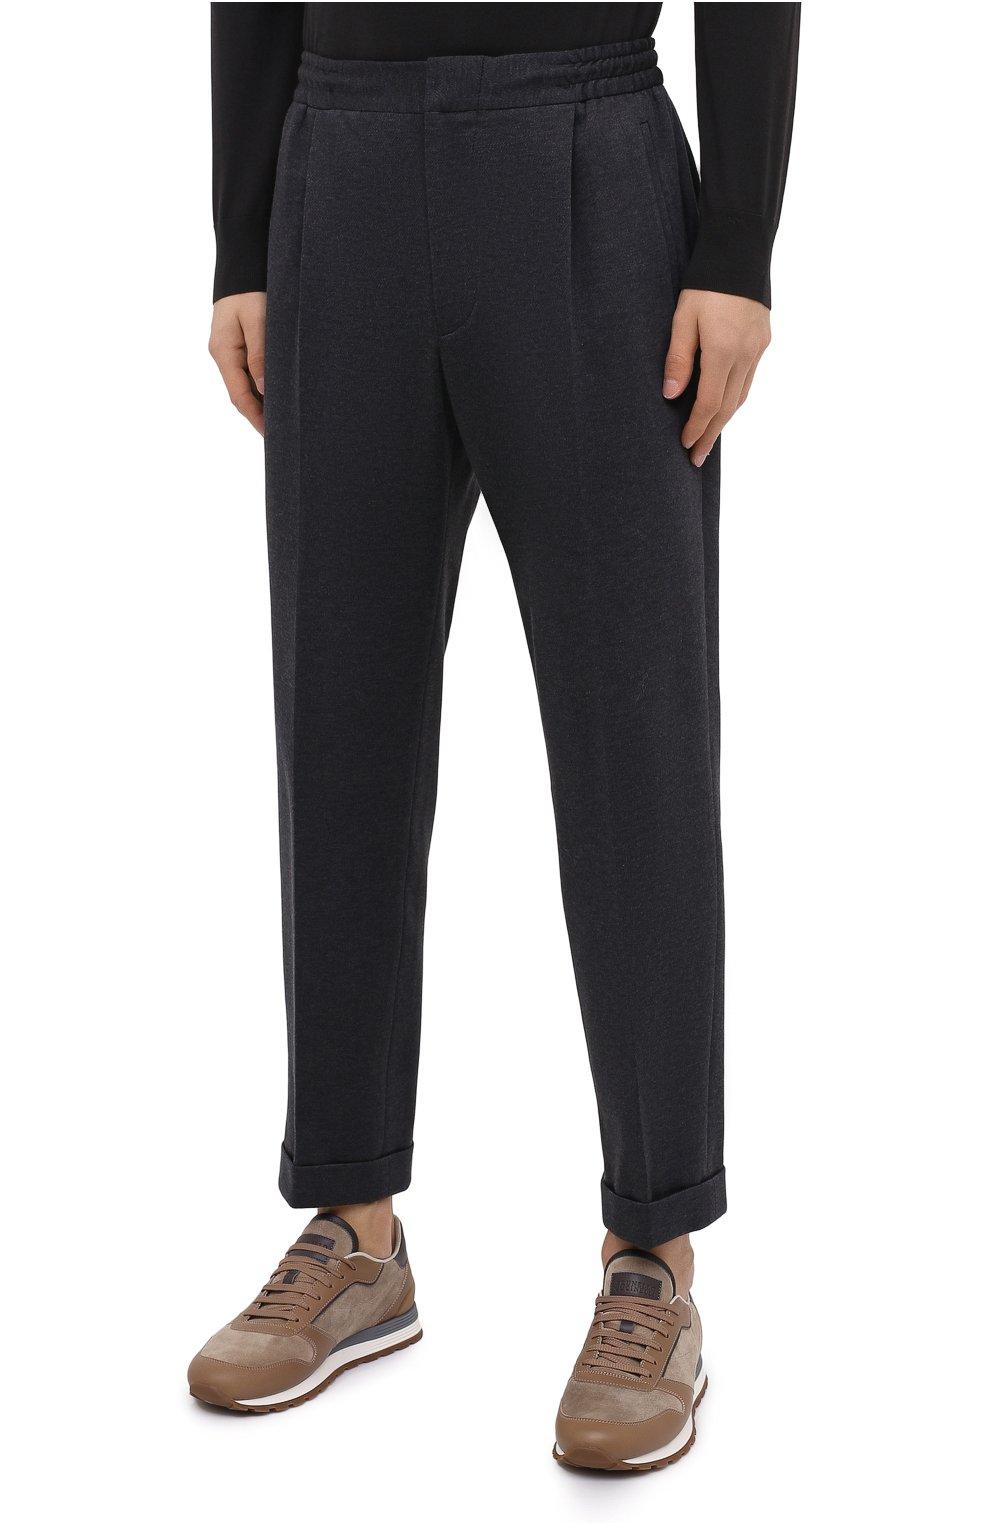 Мужские хлопковые брюки KNT серого цвета, арт. UPS0102J02T31 | Фото 3 (Длина (брюки, джинсы): Стандартные; Случай: Повседневный; Материал внешний: Хлопок; Стили: Кэжуэл)